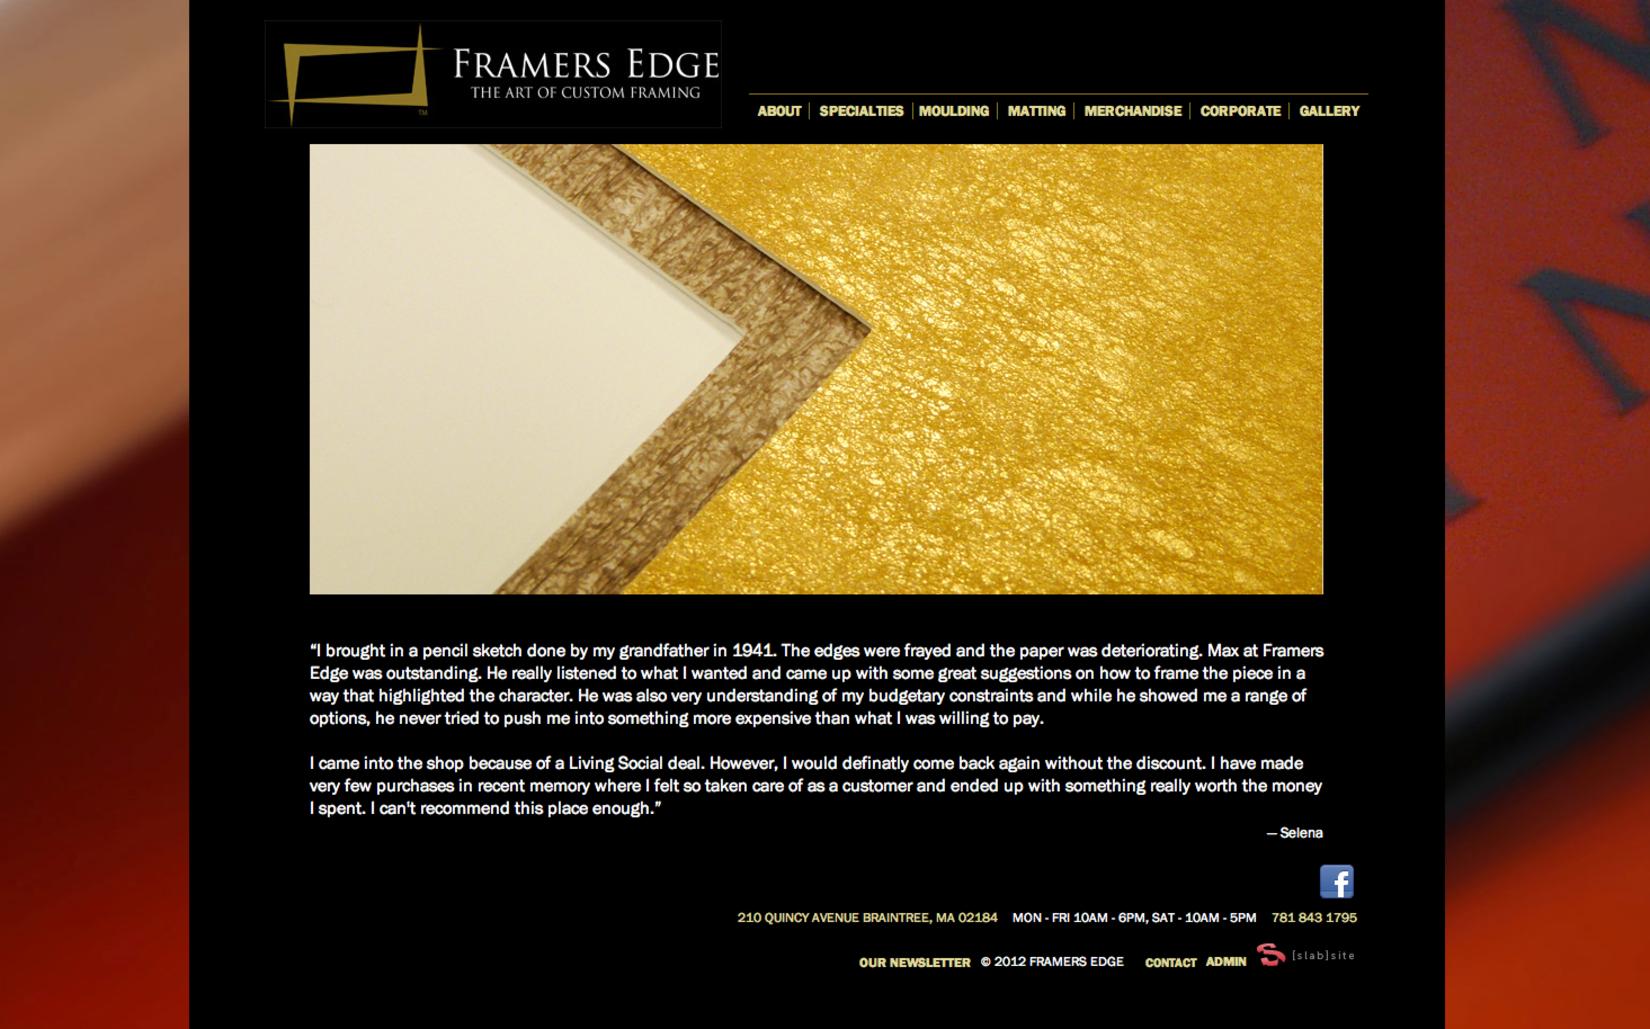 framers edge